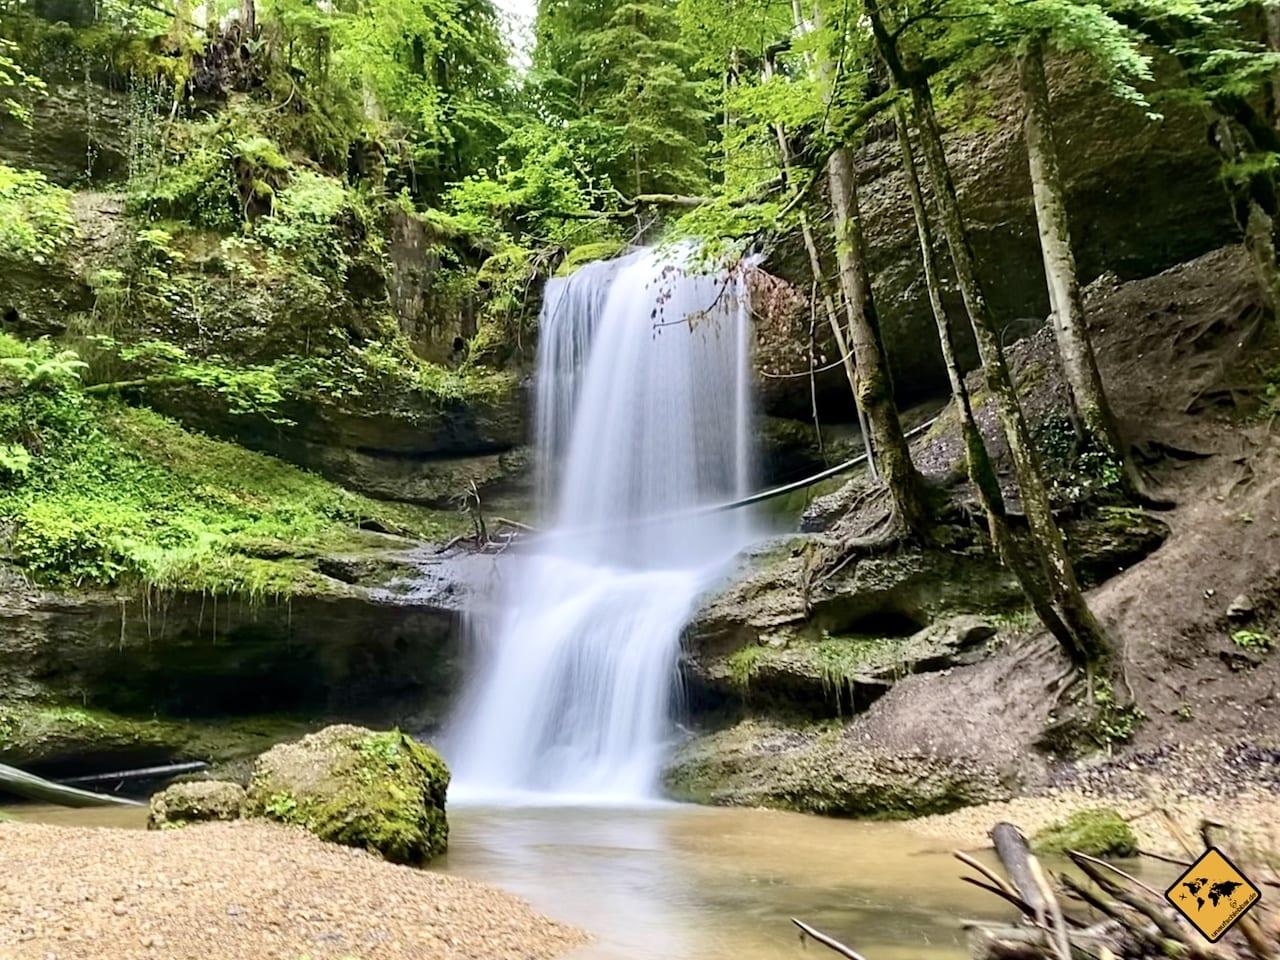 Wasserfall iPhone 11 Pro Langzeitbelichtung